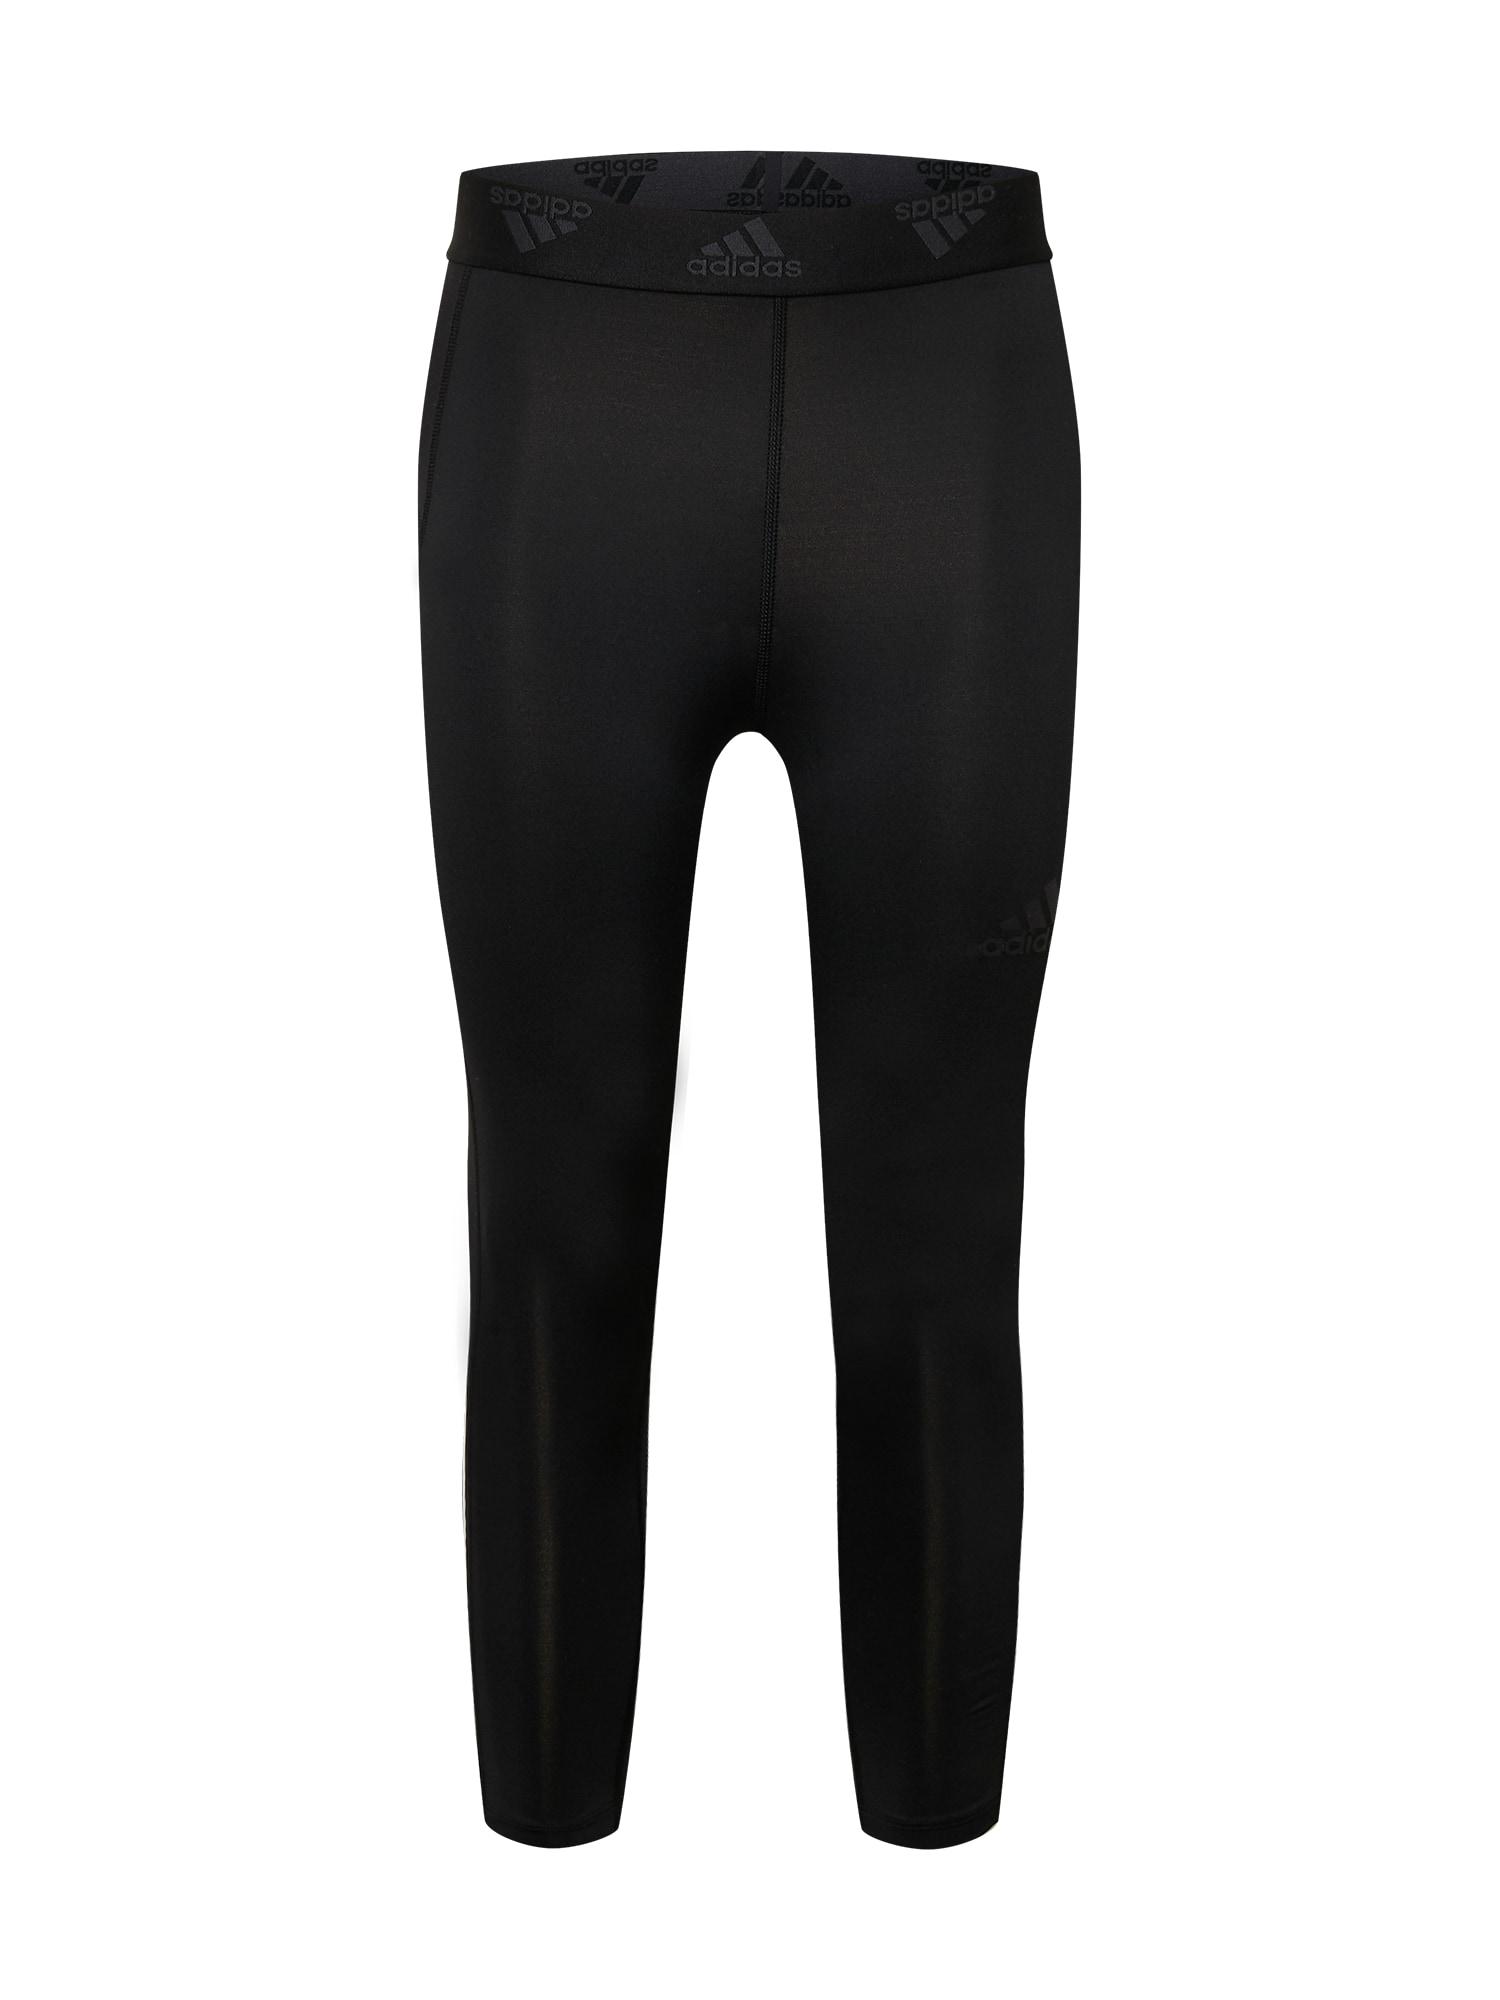 ADIDAS PERFORMANCE Sportinės kelnės juoda / balta / tamsiai pilka